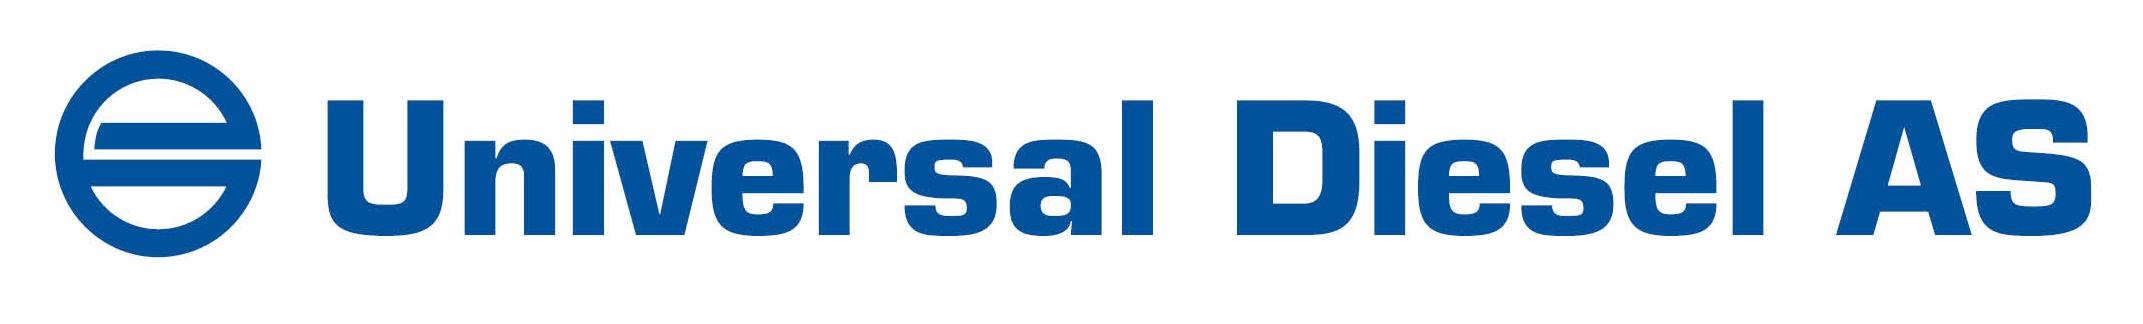 Universal Diesel